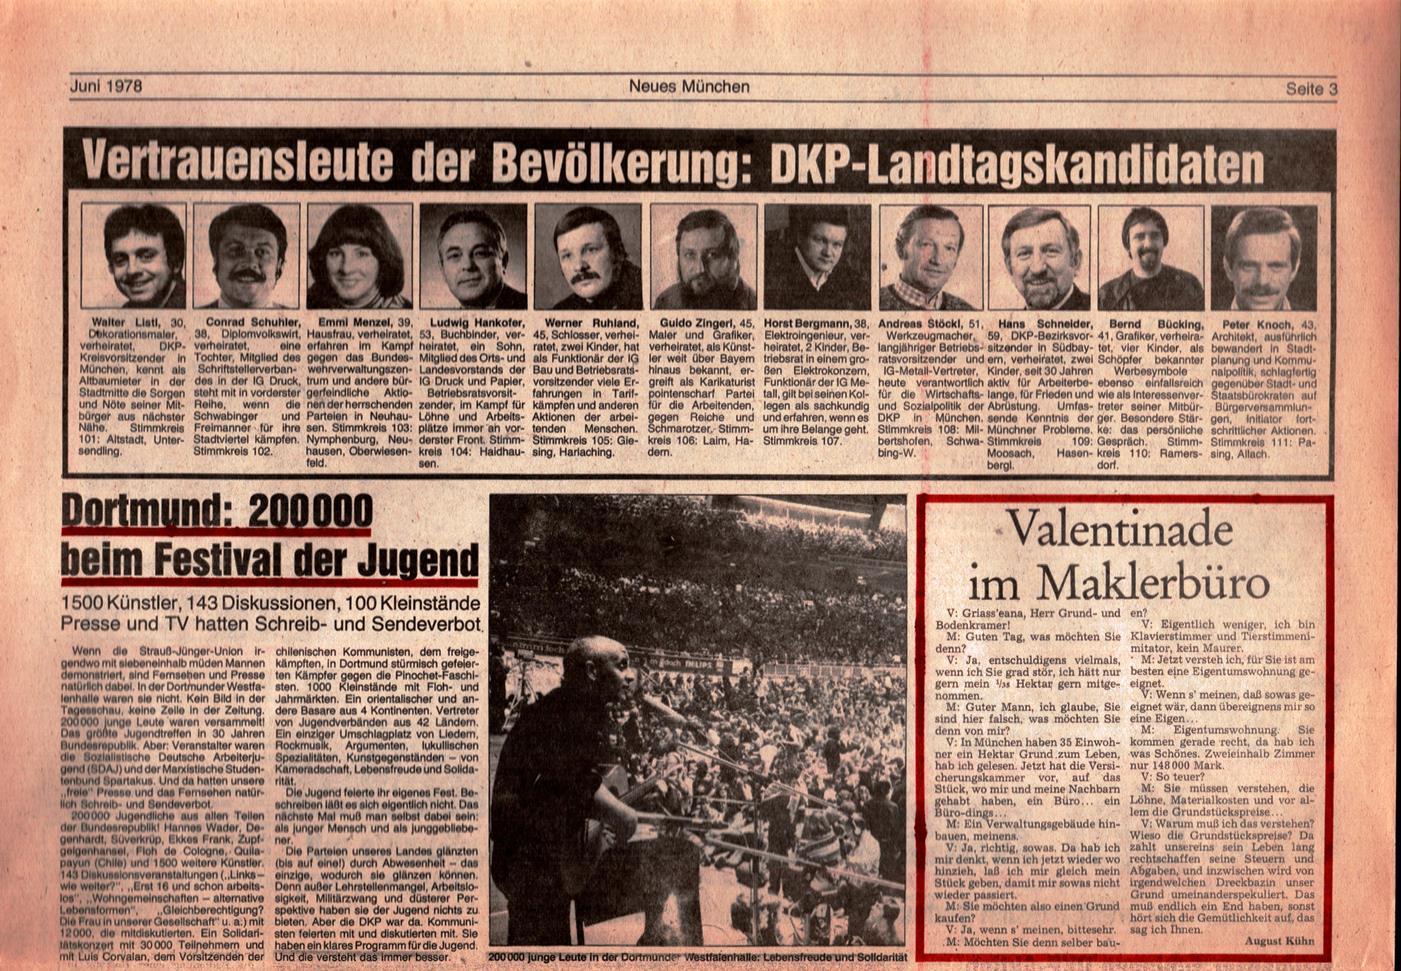 Muenchen_DKP_Neues_Muenchen_19780600_006_005